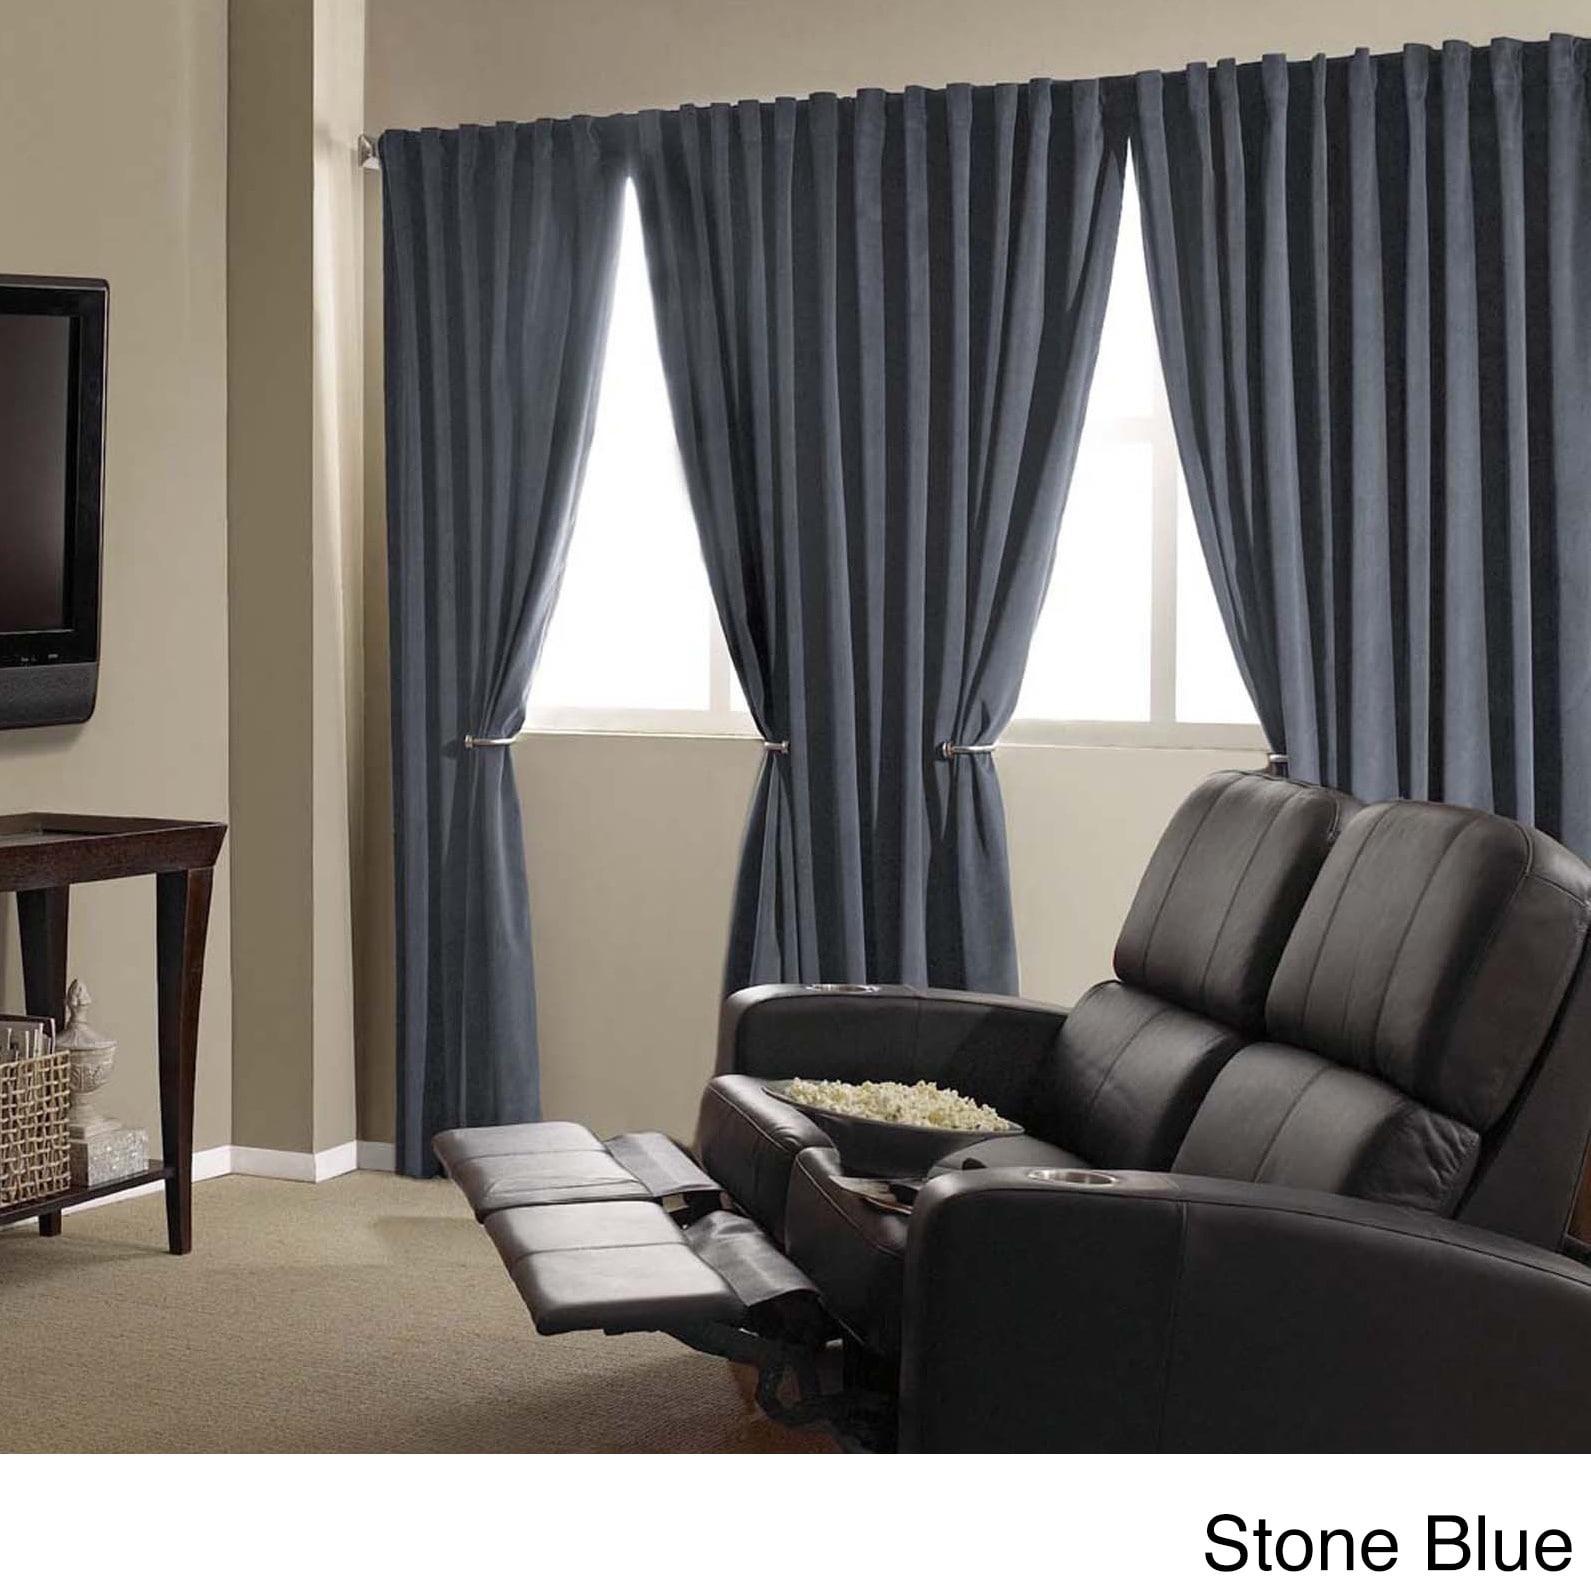 panels back curtain springmaid com velvet ip panel window walmart tab